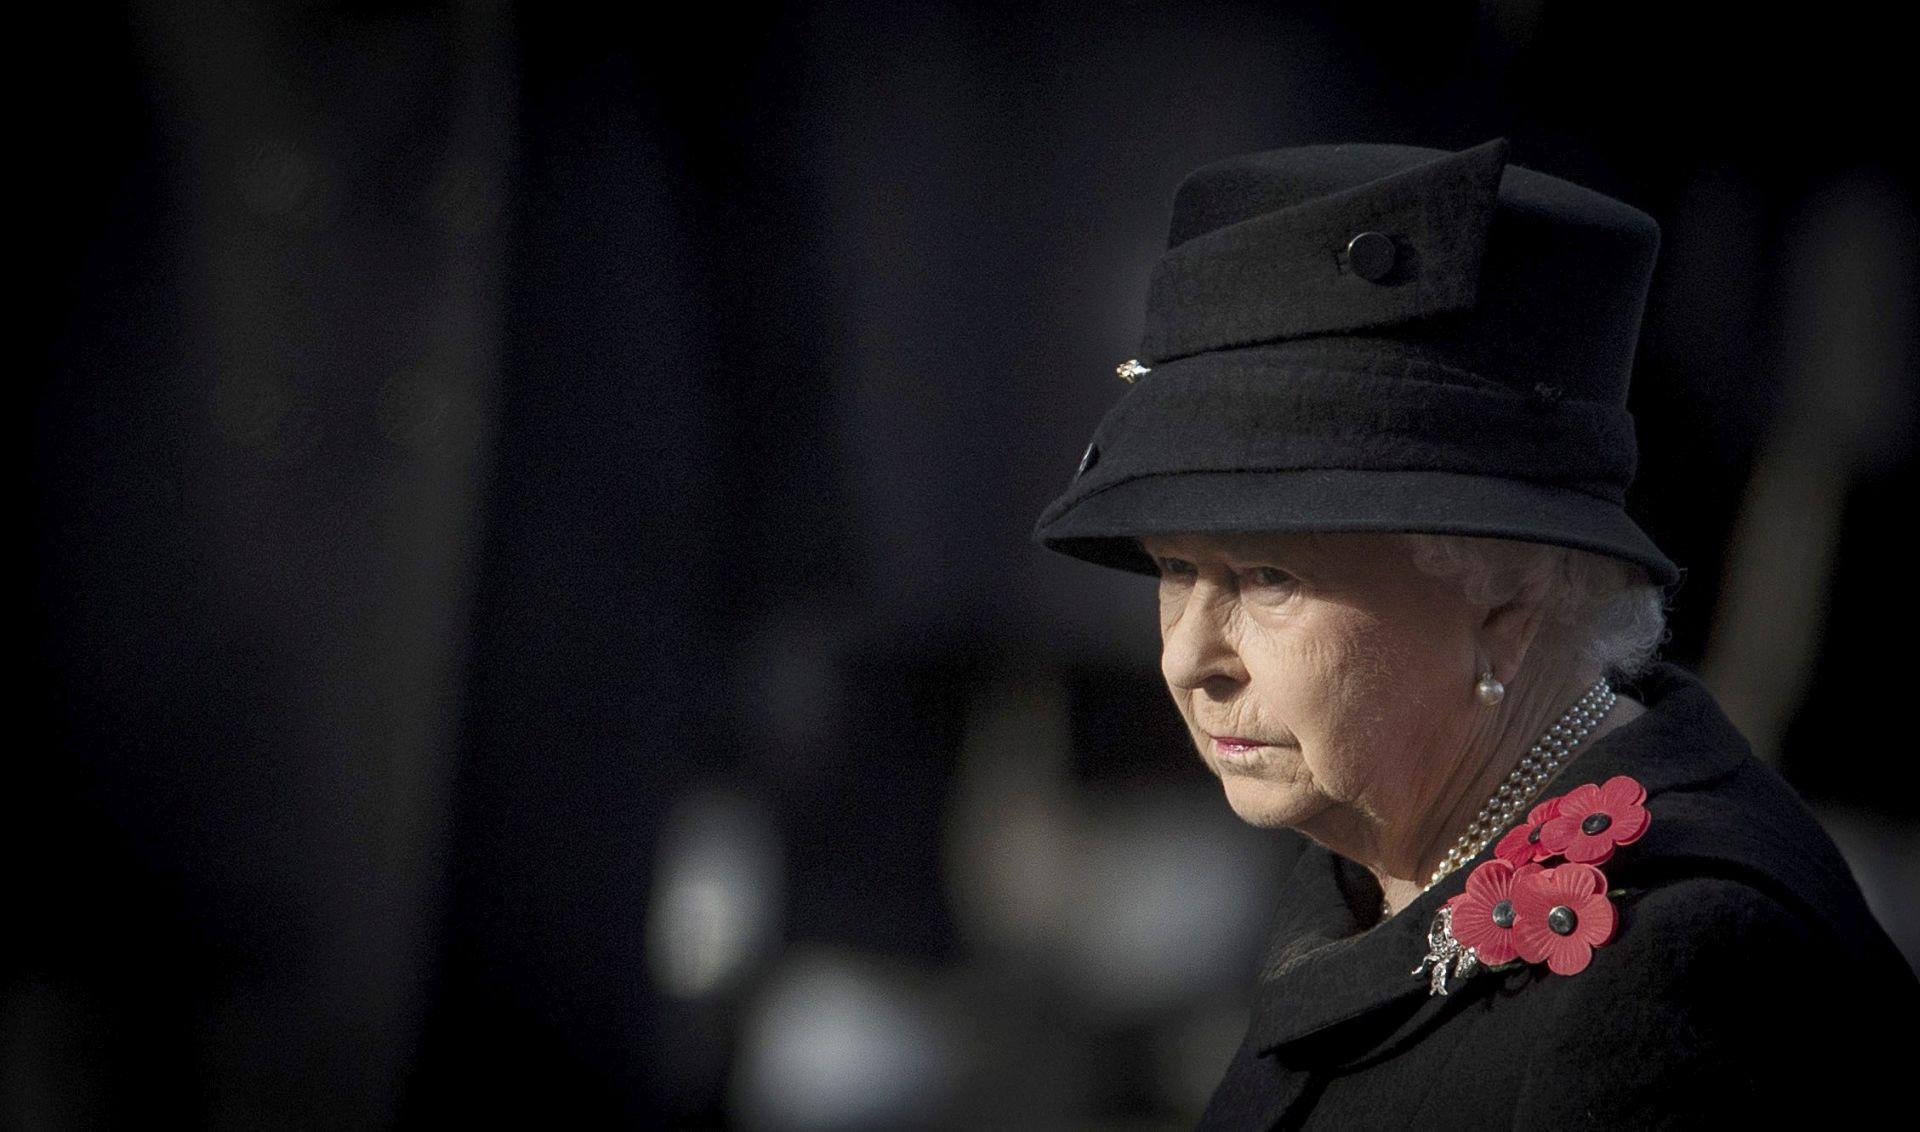 DRŽAVNI POSJET: Britanska kraljica zove Trumpa u Veliku Britaniju